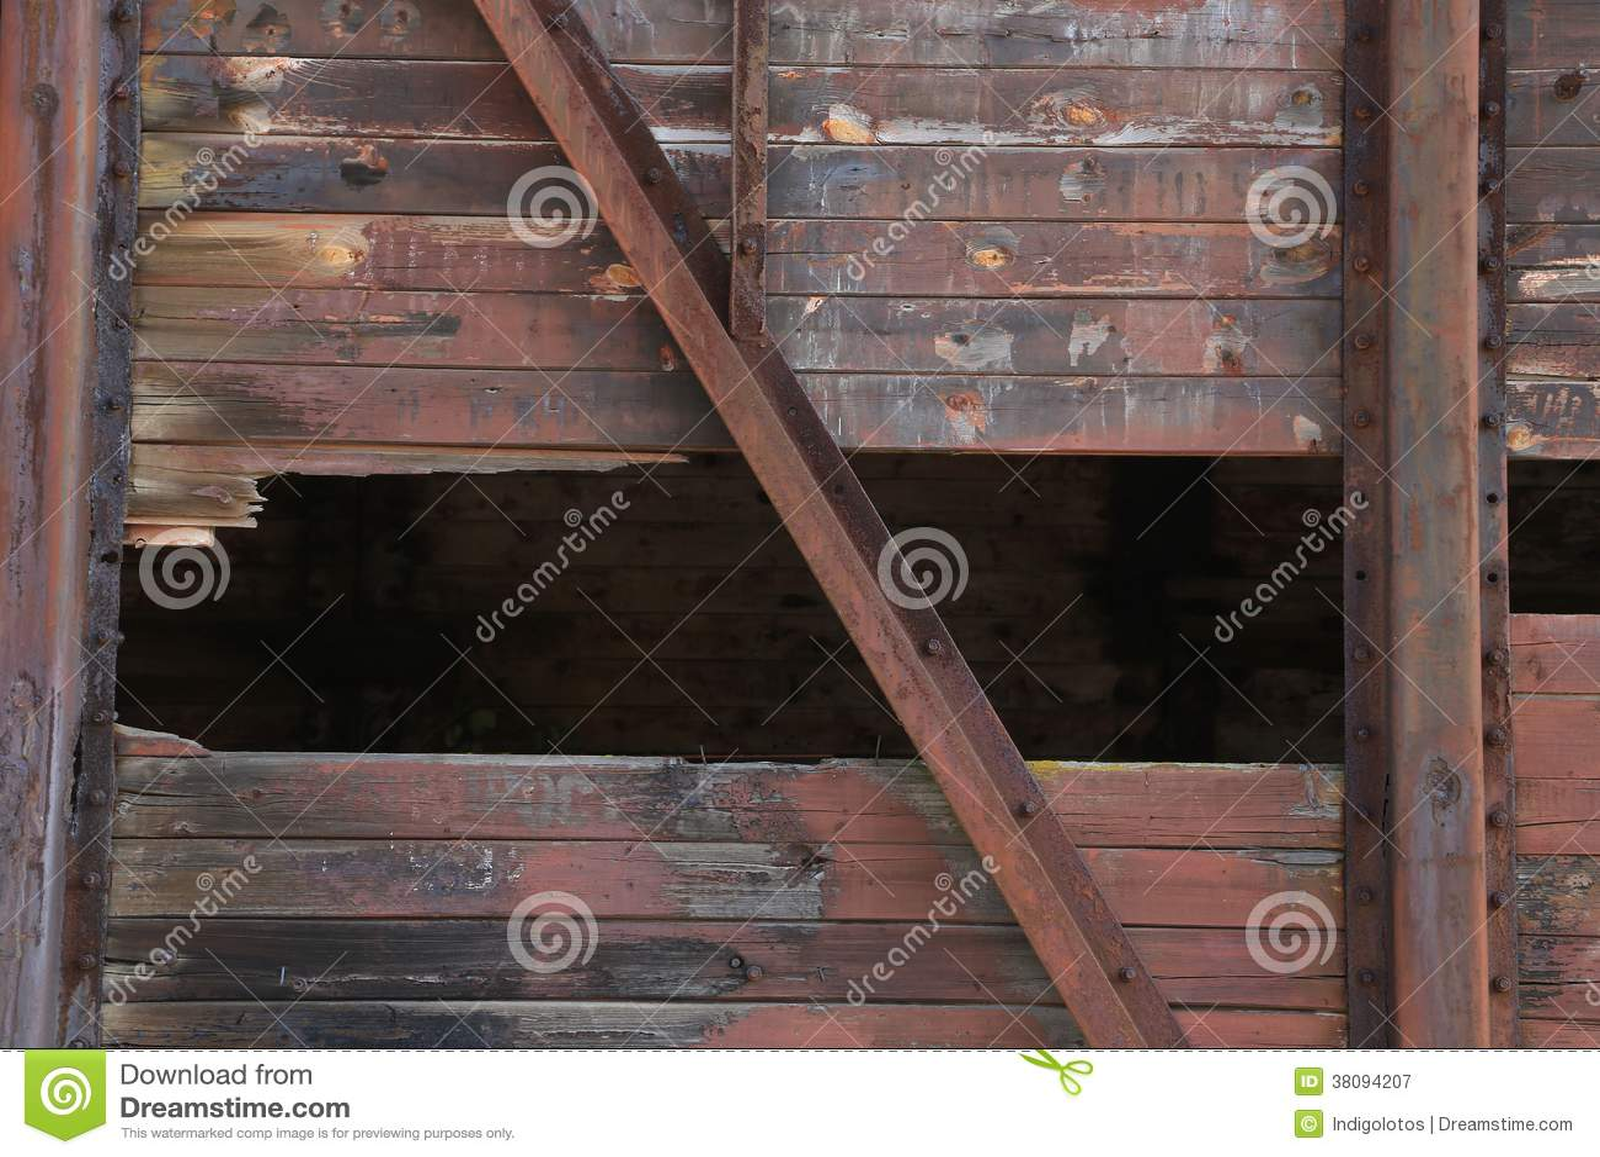 Σπασμένος καφετής ξύλινος τοίχος με τη σύσταση μετάλλων.